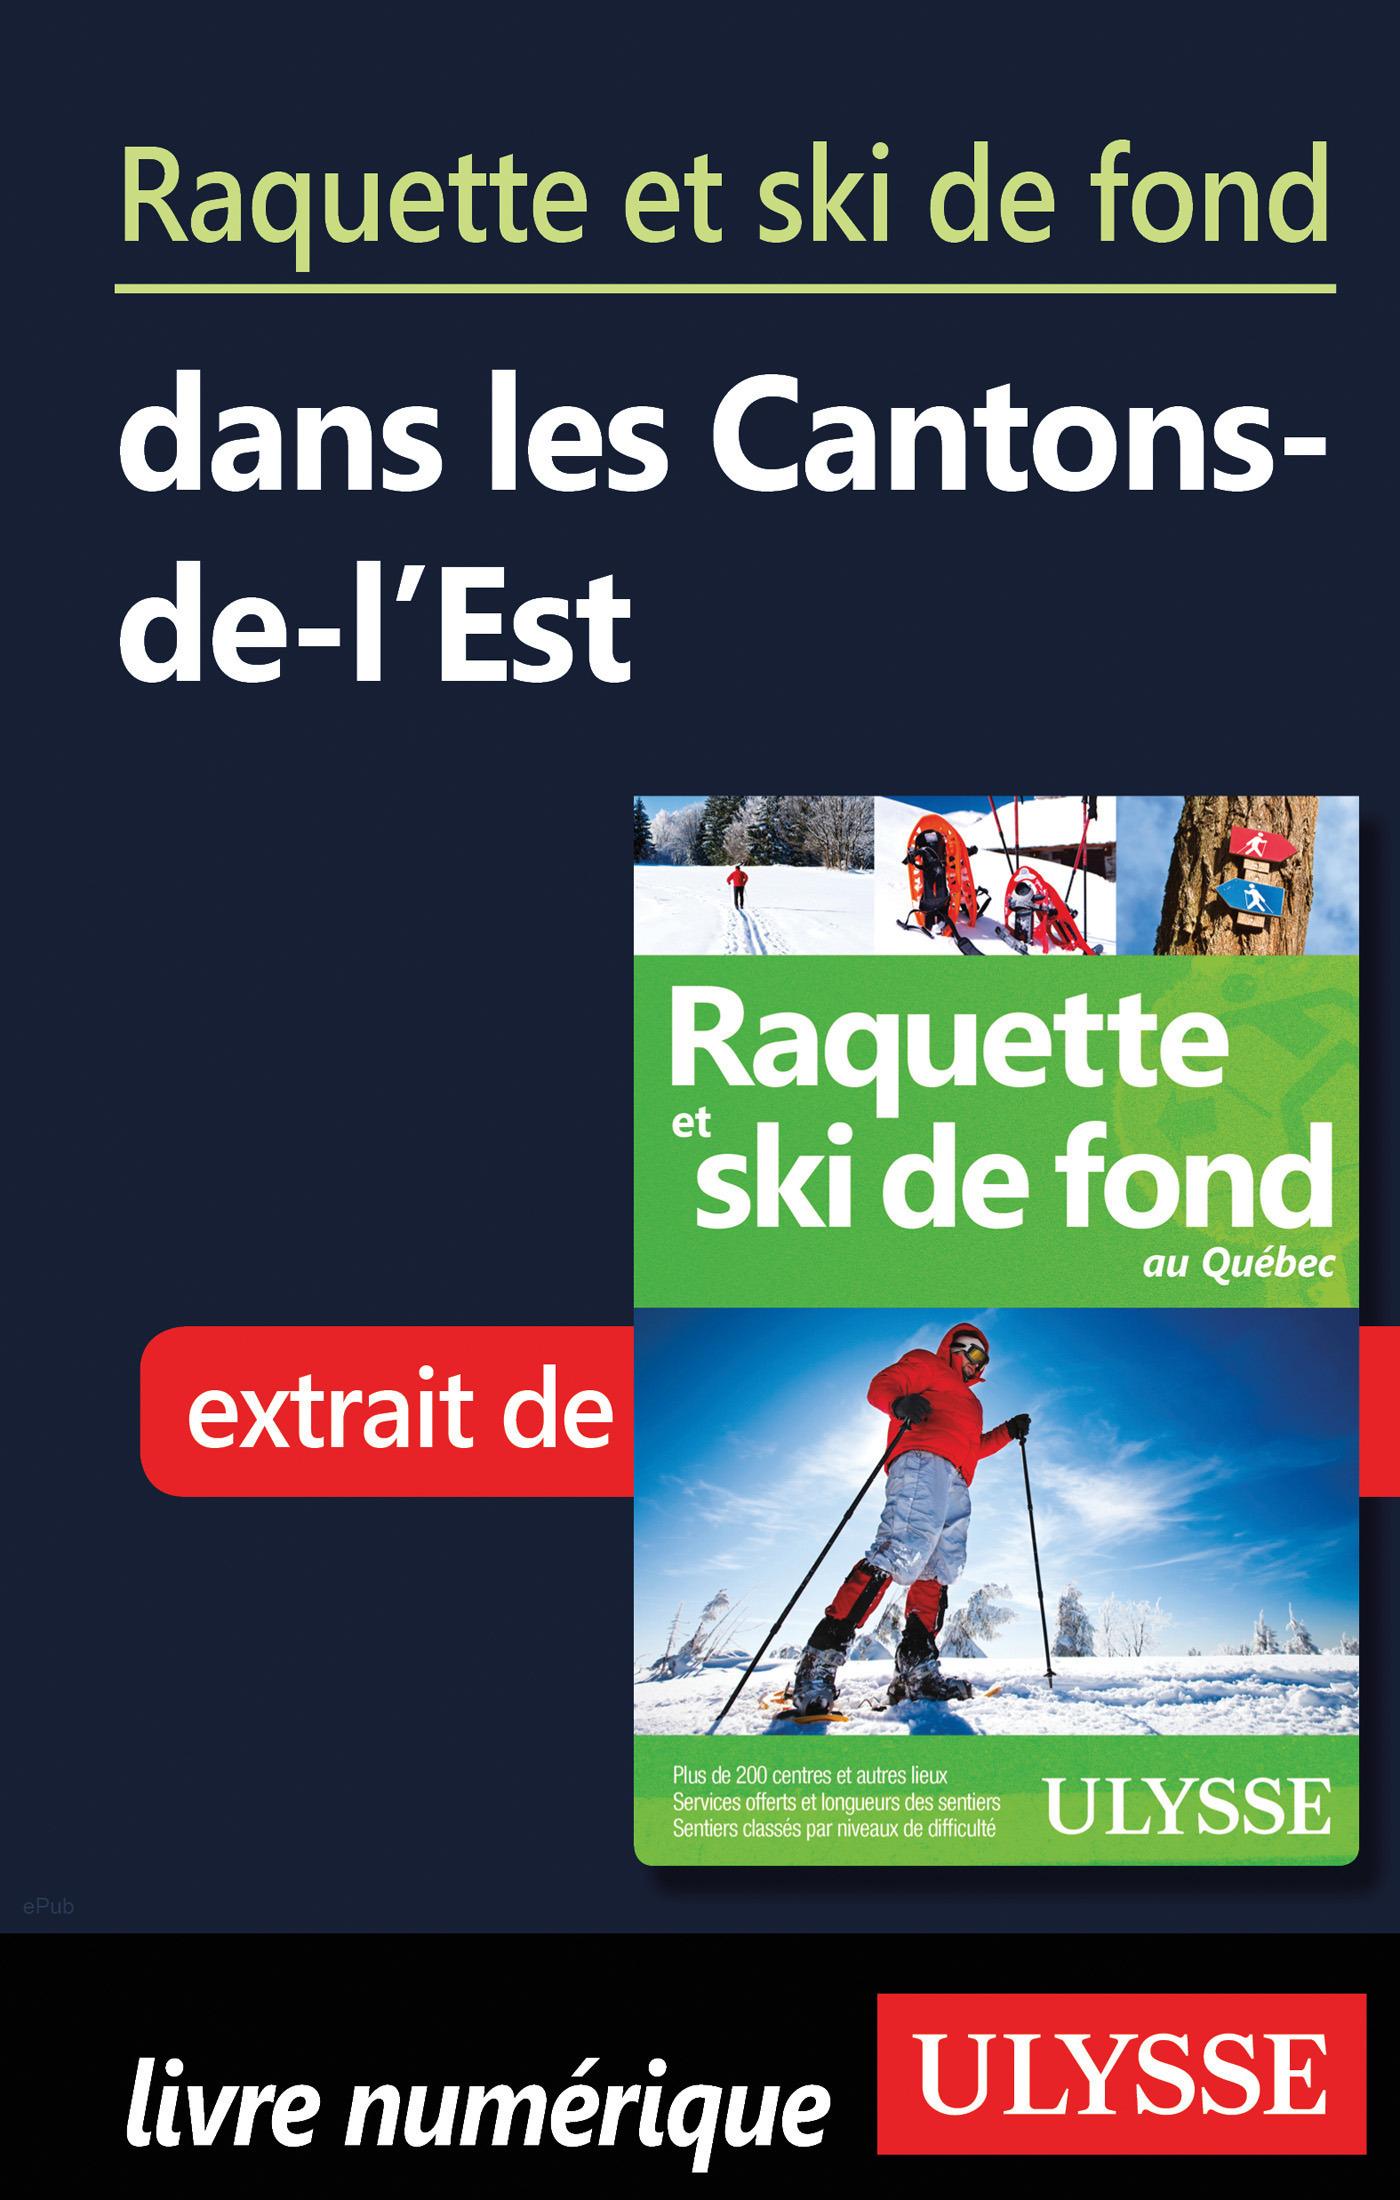 Raquette et ski de fond dans les Cantons-de-l Est